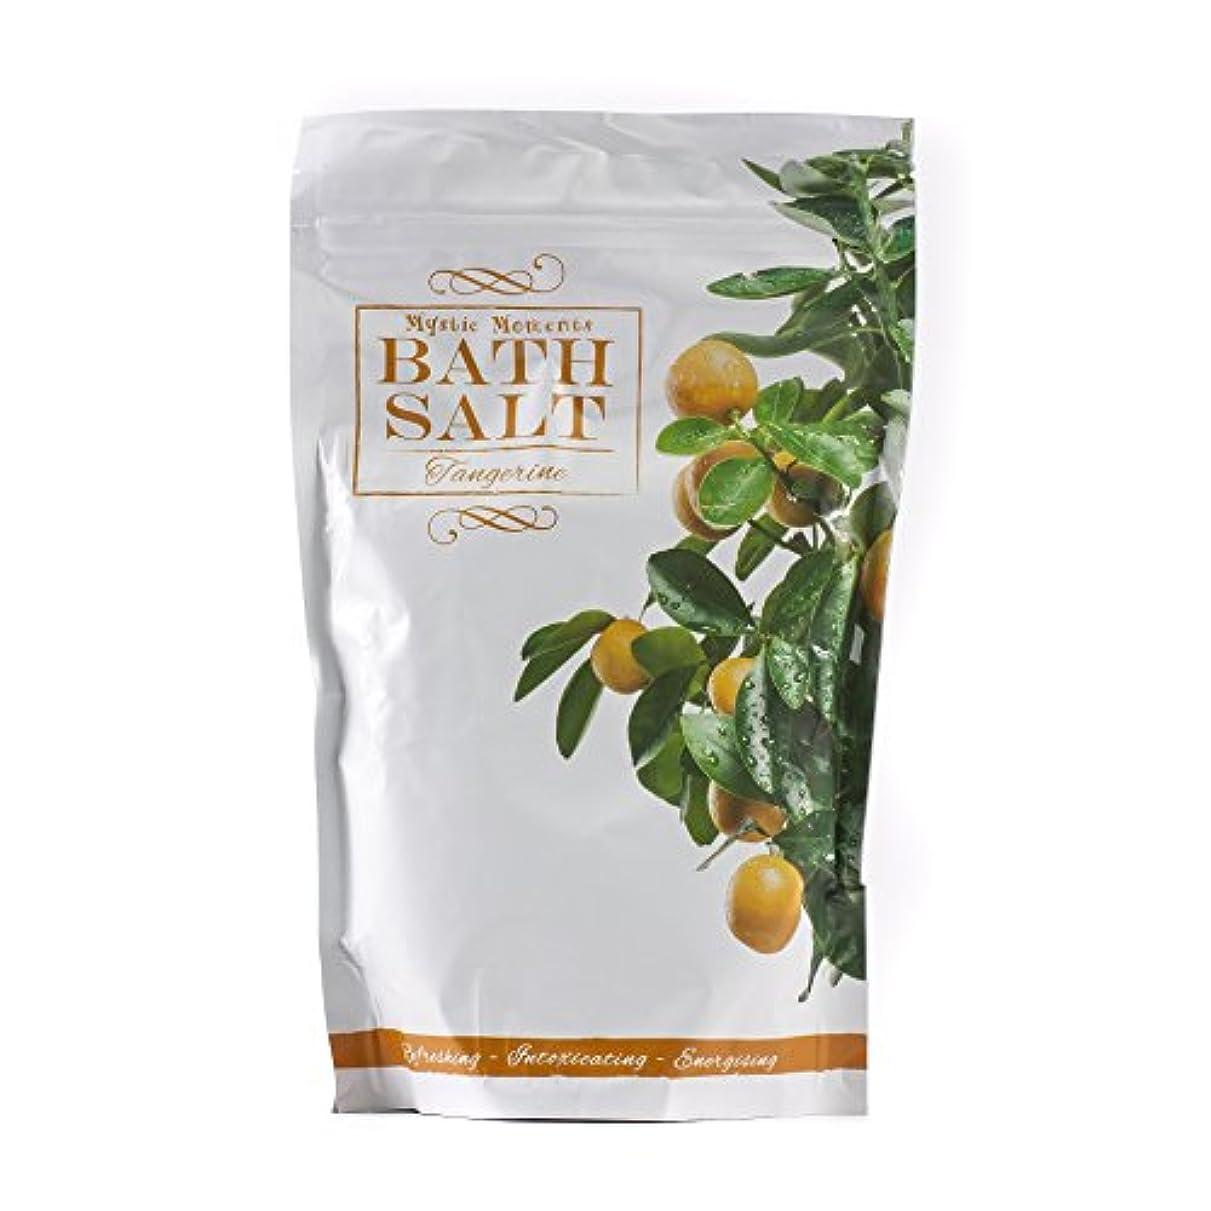 距離計器美容師Bath Salt - Tangerine - 1Kg